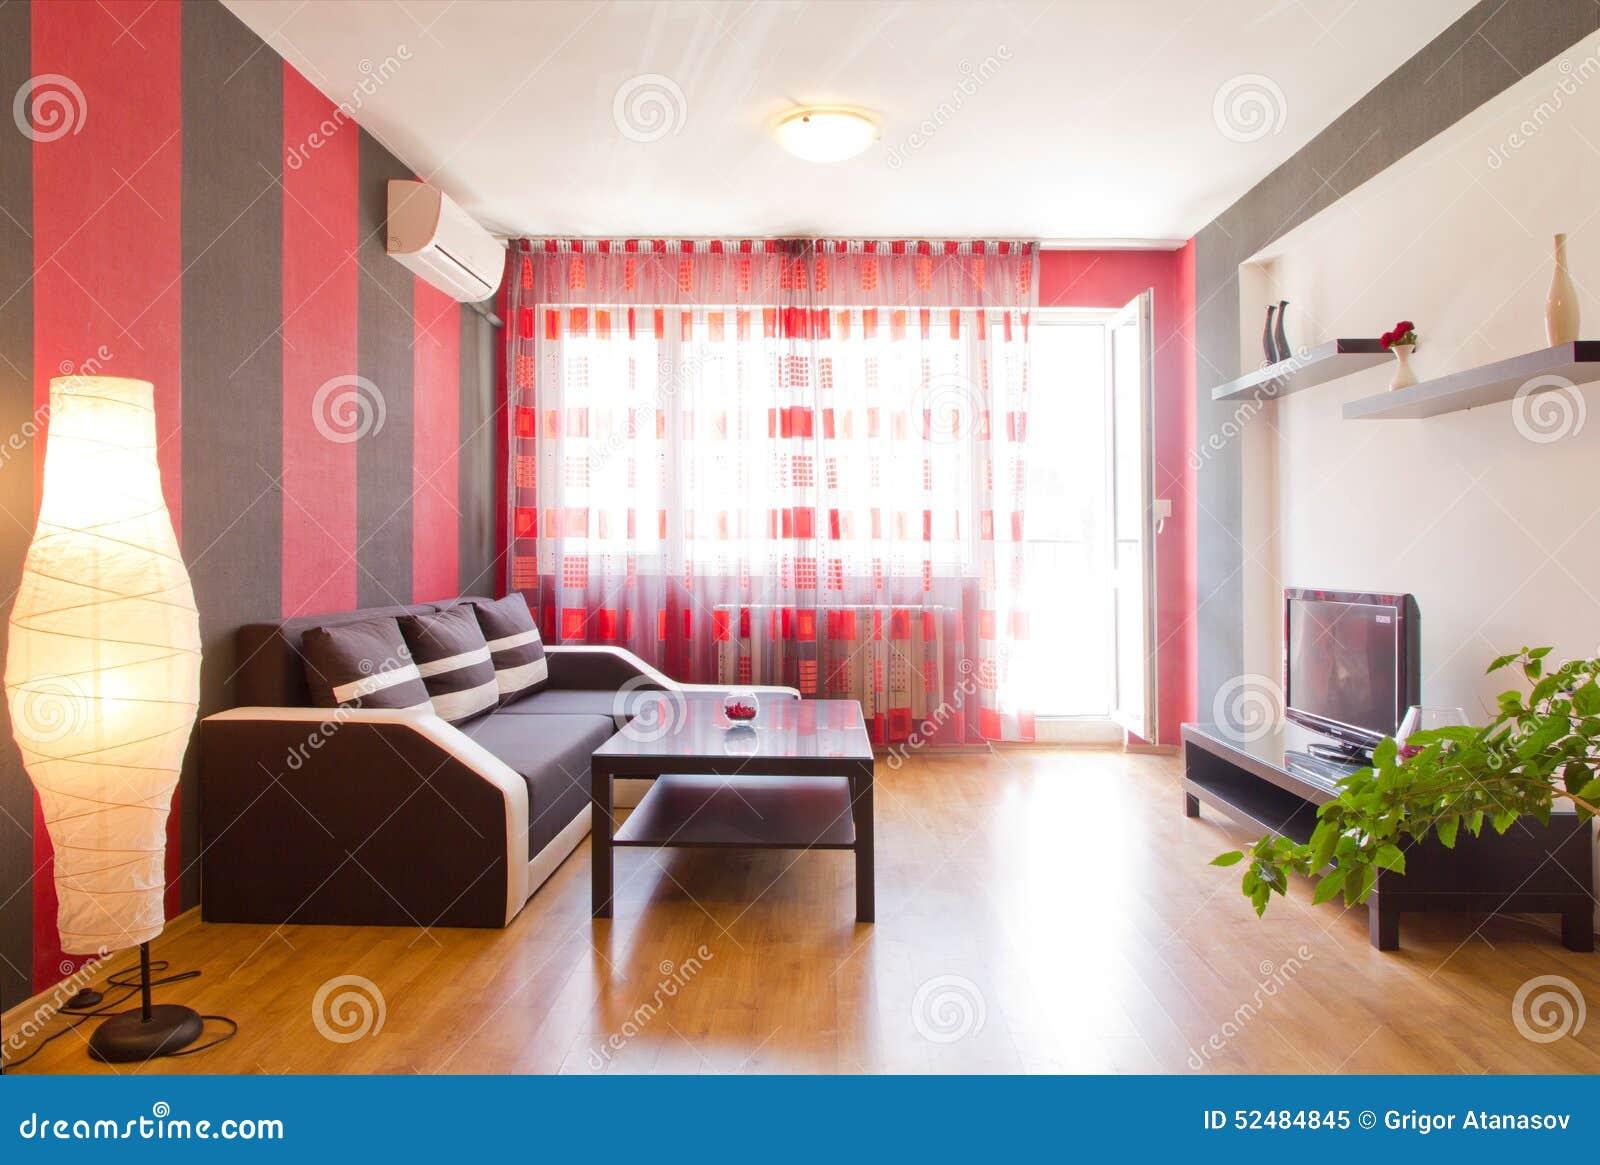 Pareti A Strisce Beige : Pareti pitturate a righe decorazione parete soggiorno timelapse